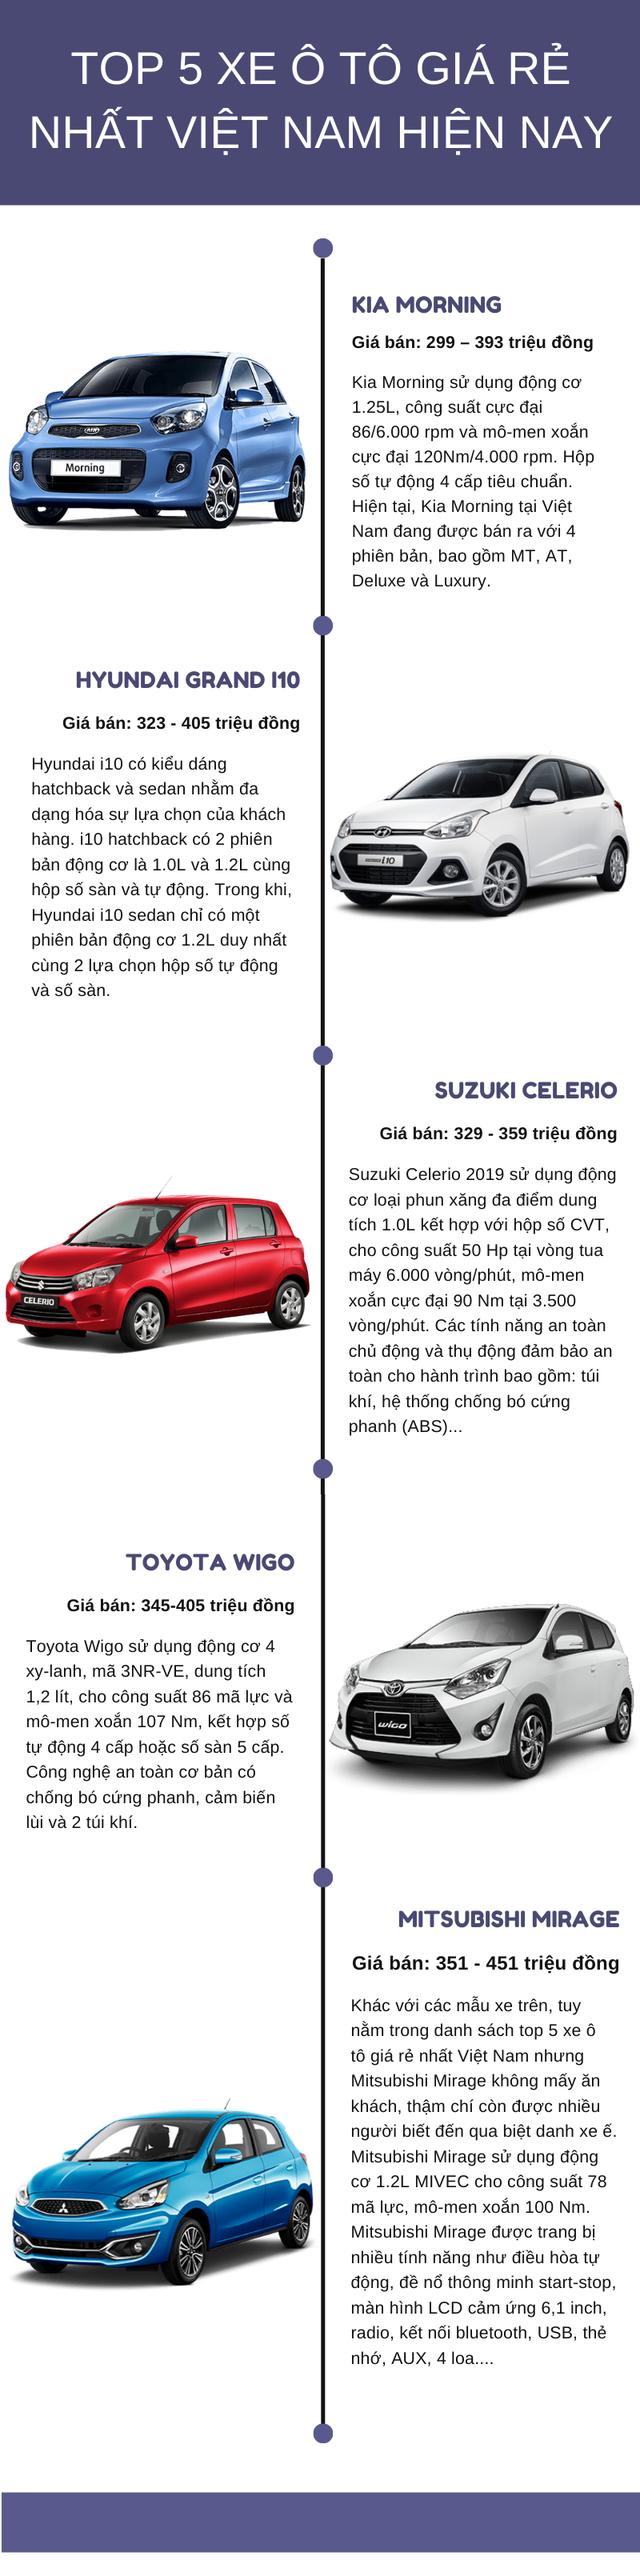 Top 5 xe ô tô giá rẻ nhất Việt Nam hiện nay, giá chỉ từ 300 triệu - Ảnh 1.